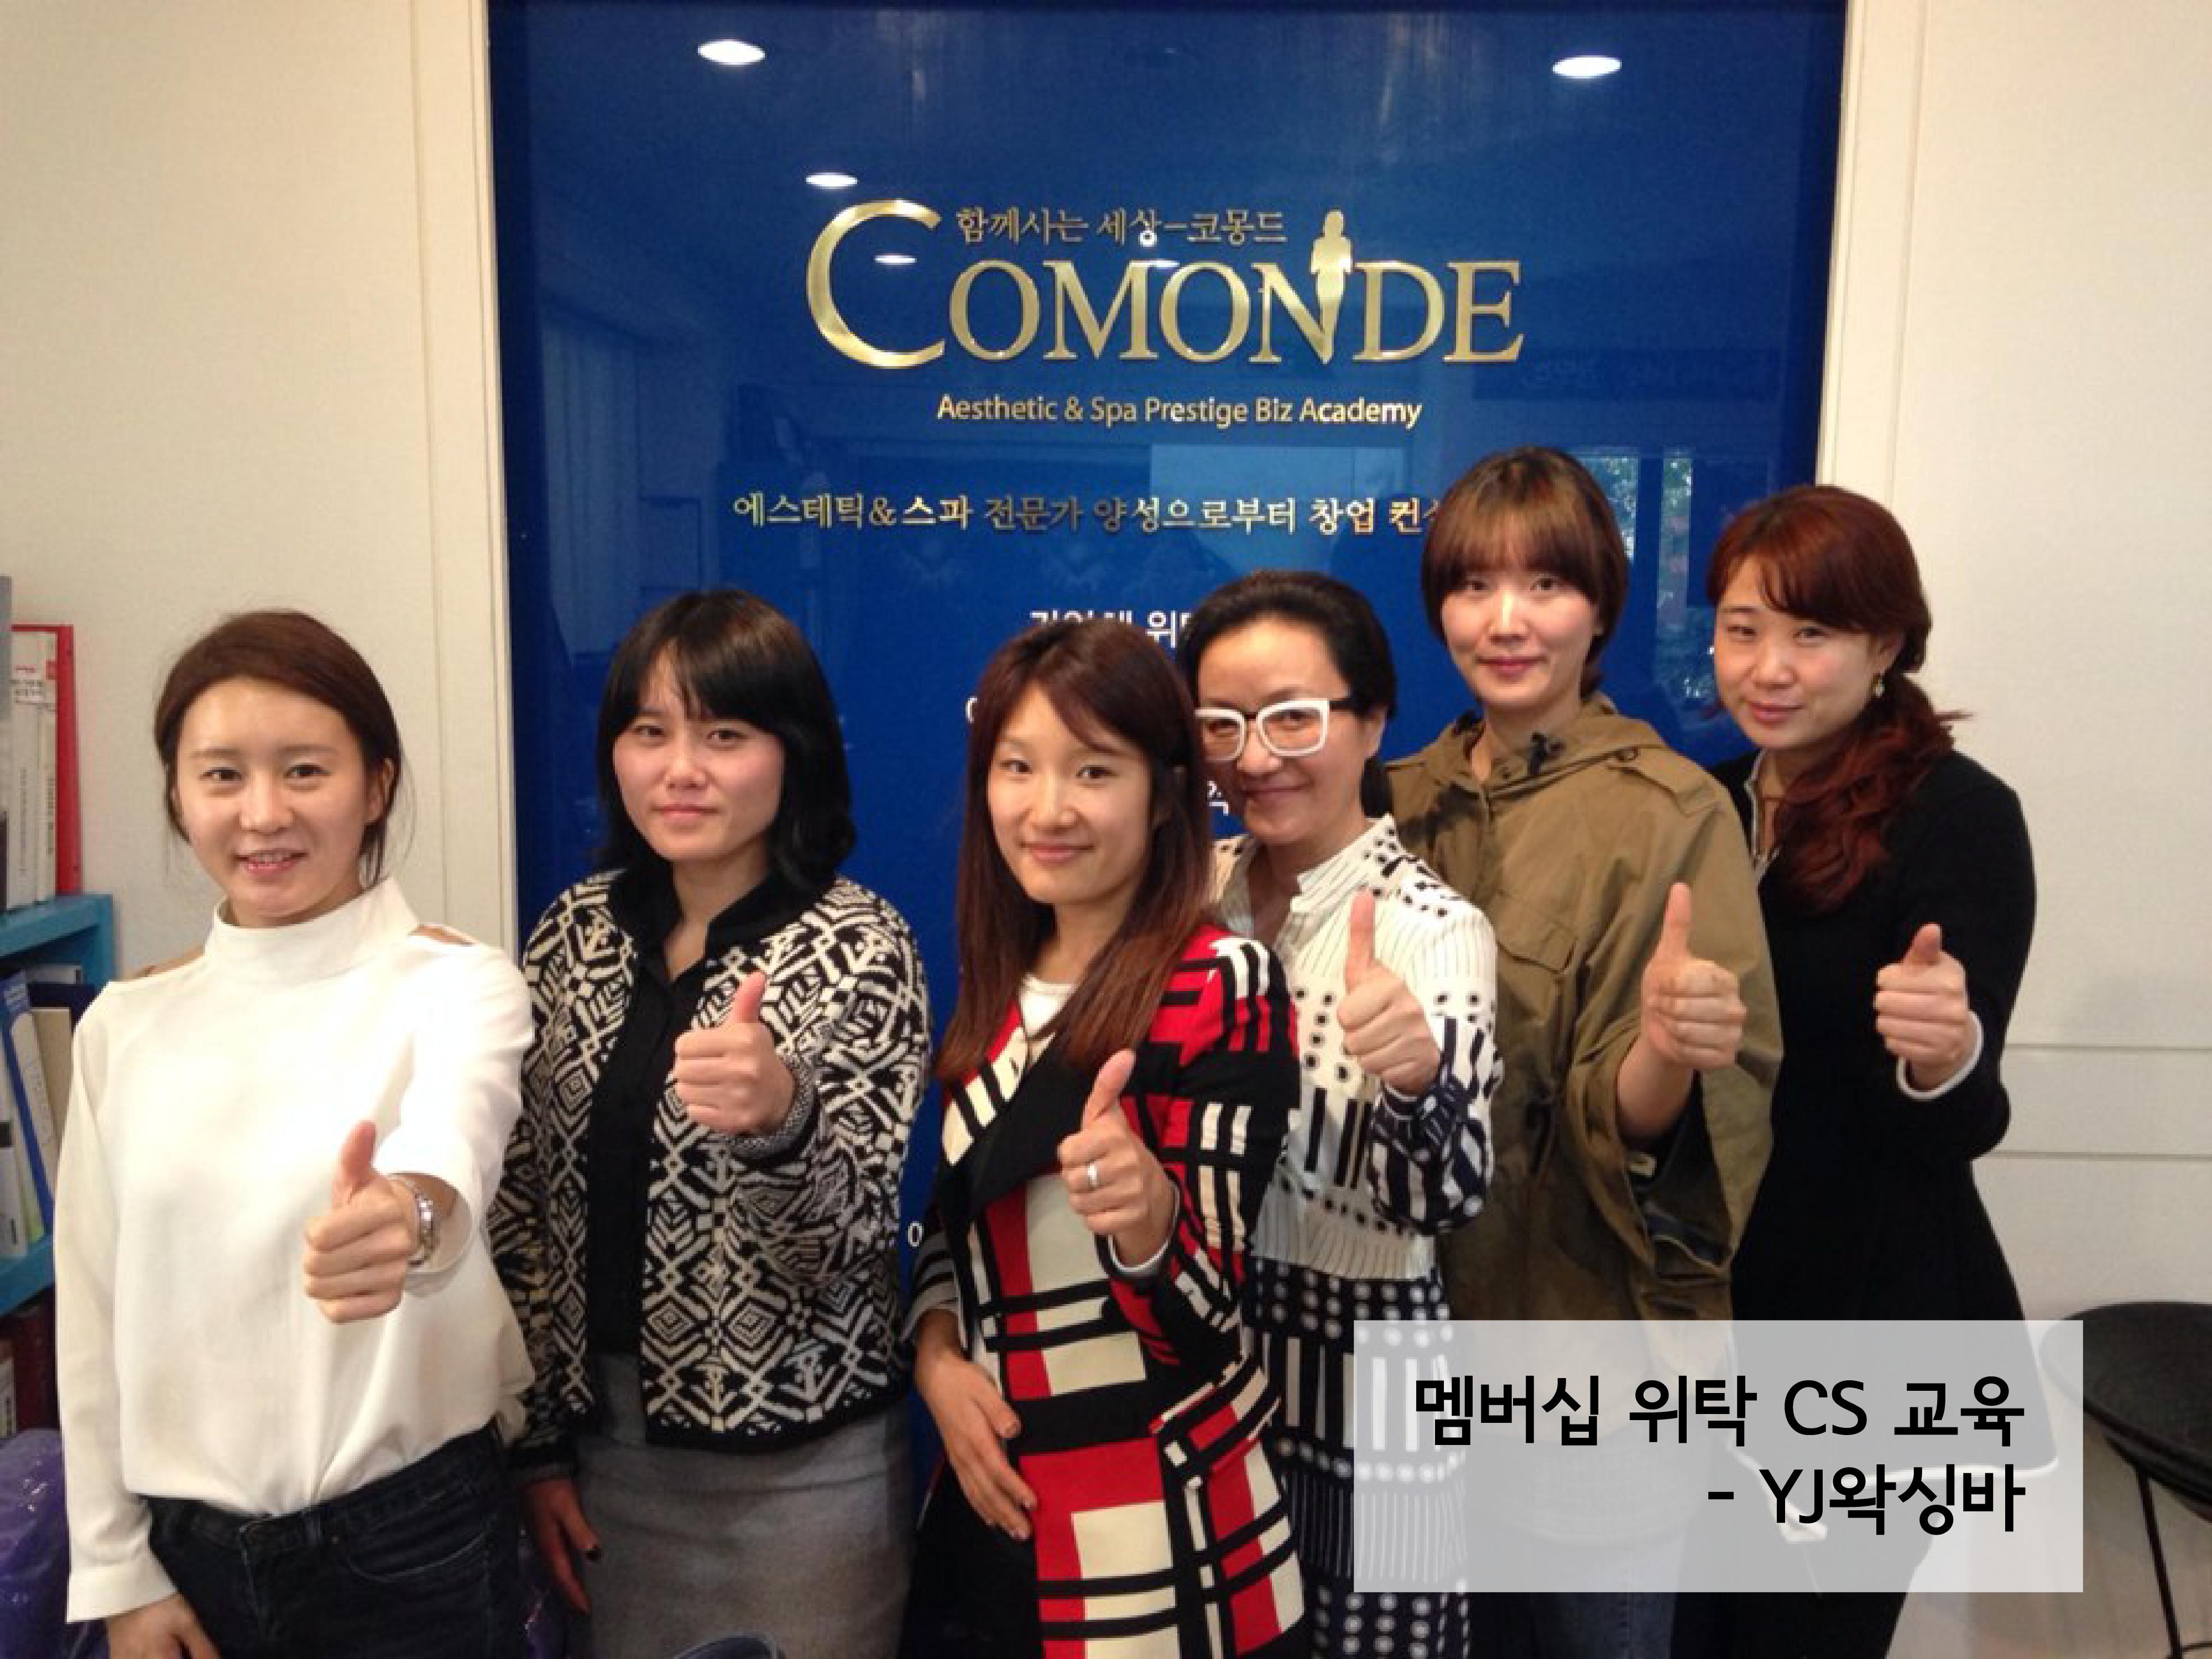 2014. 10. 04 오늘 CS교육으로 한층 더 자신감이 넘치는 YJ식구들입니다^^